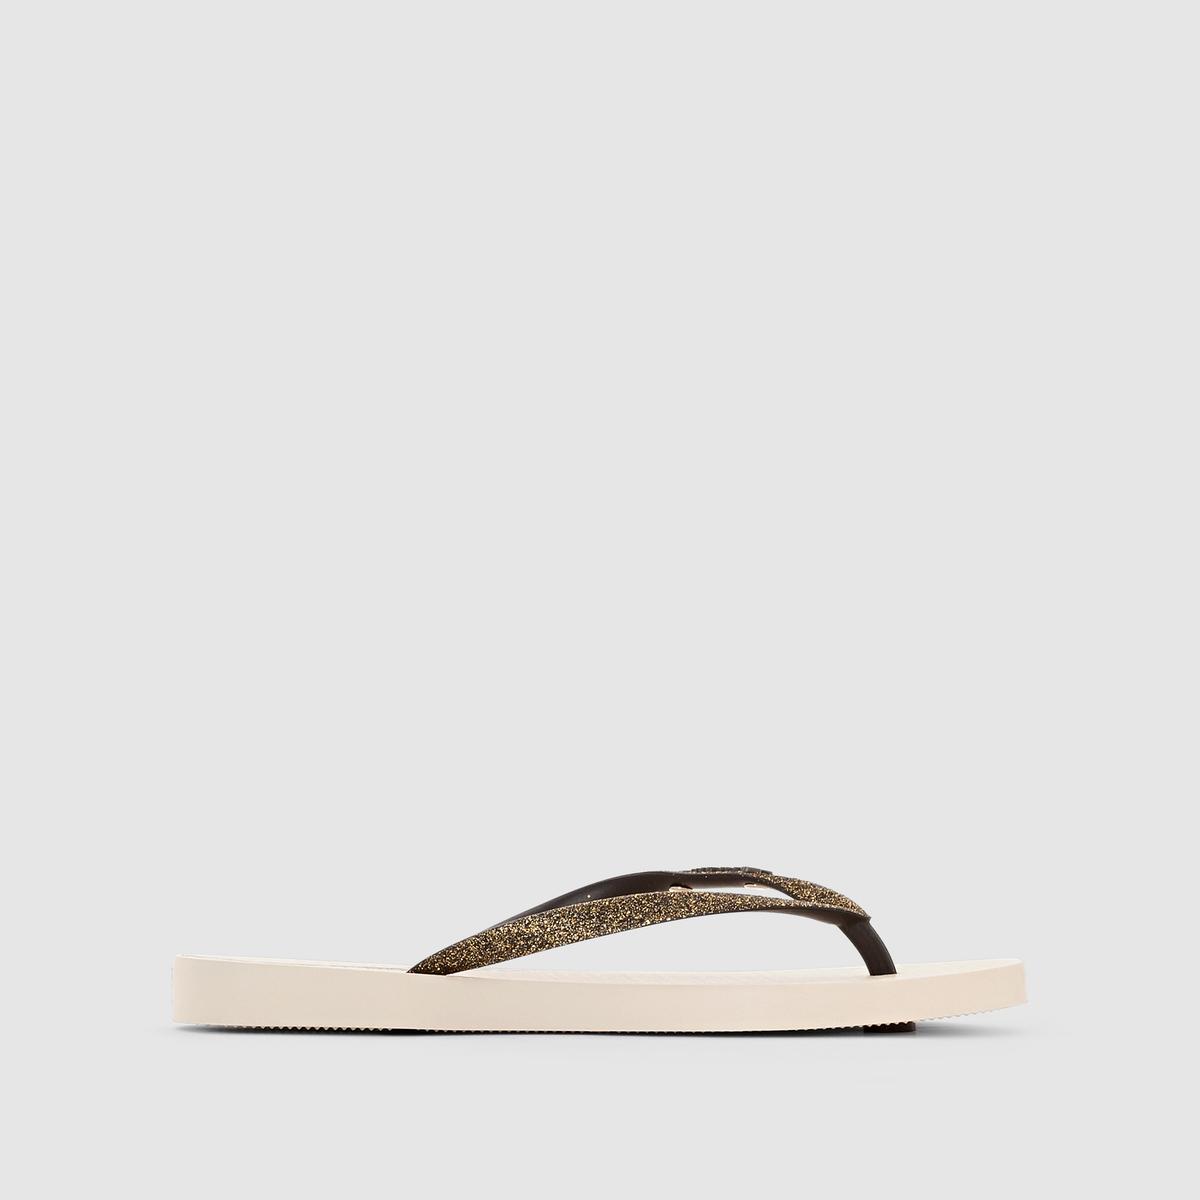 Вьетнамки Lolita III FemВерх/Голенище : каучук   Стелька : каучук   Подошва : каучук   Форма каблука : плоский каблук   Мысок : открытый мысок   Застежка : без застежки<br><br>Цвет: бежевый/ черный